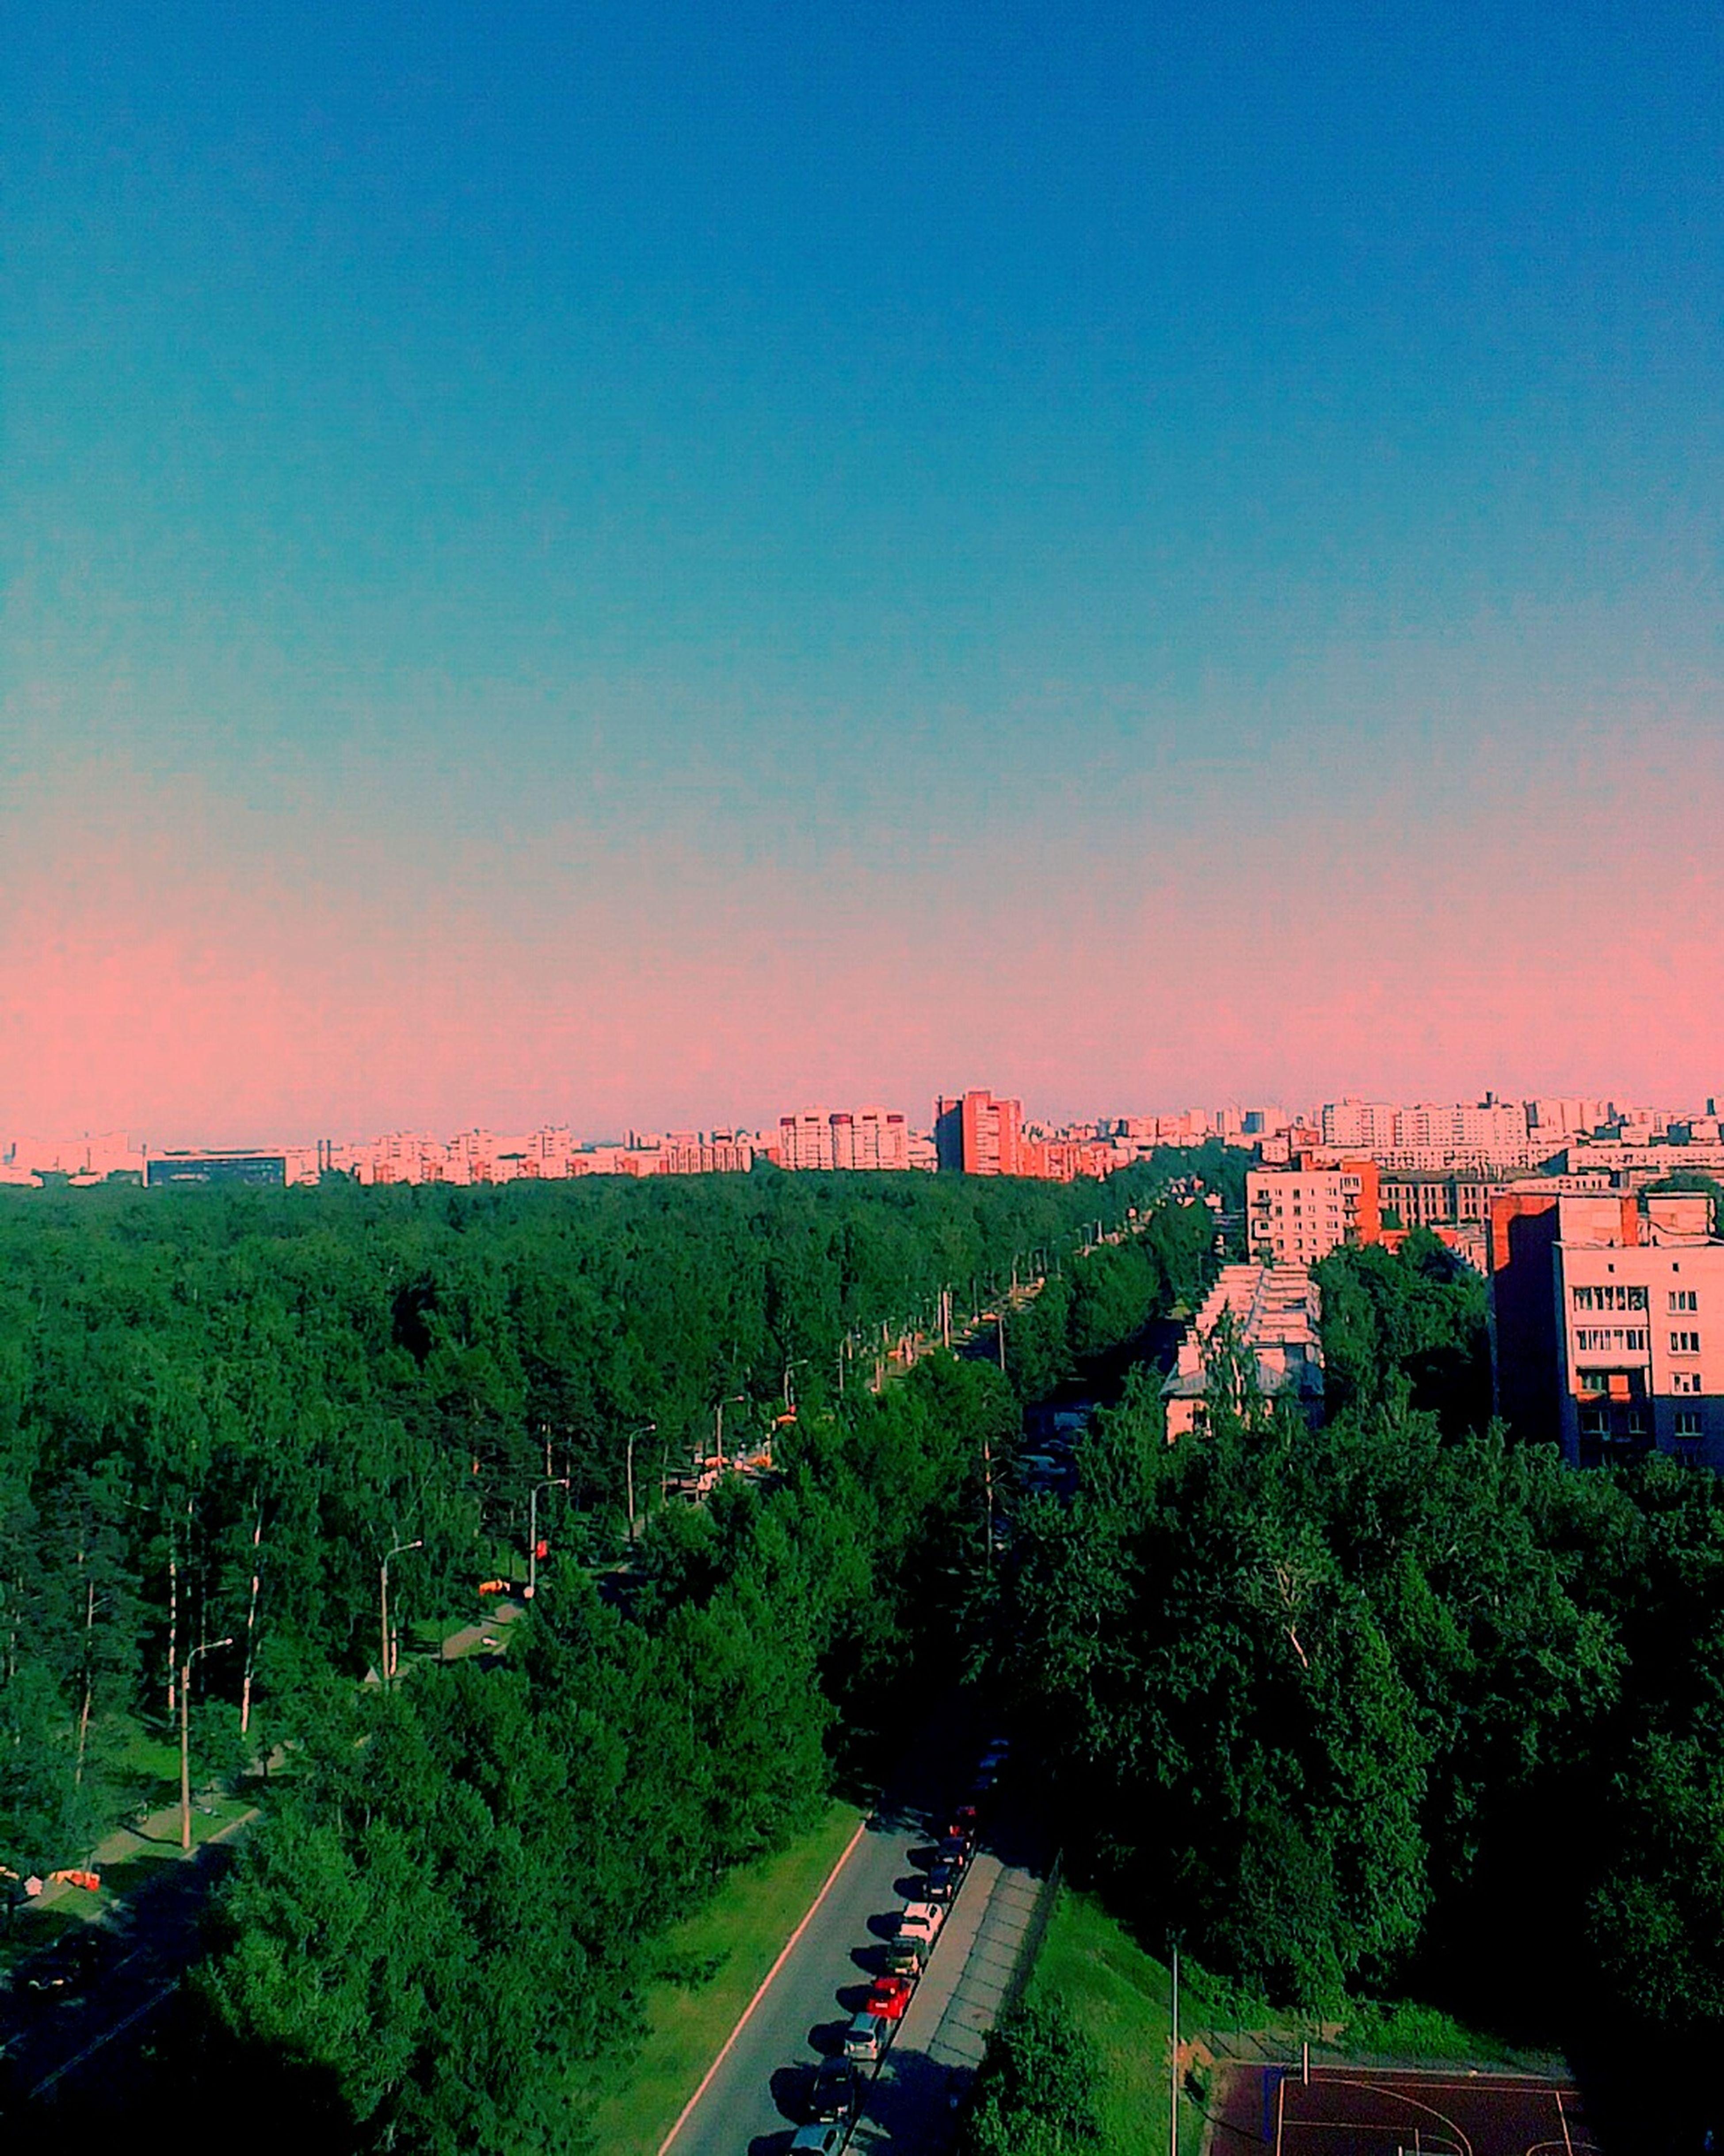 Hello World Amazingphotohunter Nature Streetphoto EyeEm Best Shots - Nature Eyem Best Shot - My World Window Whitenights Sky Of Sankt Peterburg Sunshine EyeEm Best Shots